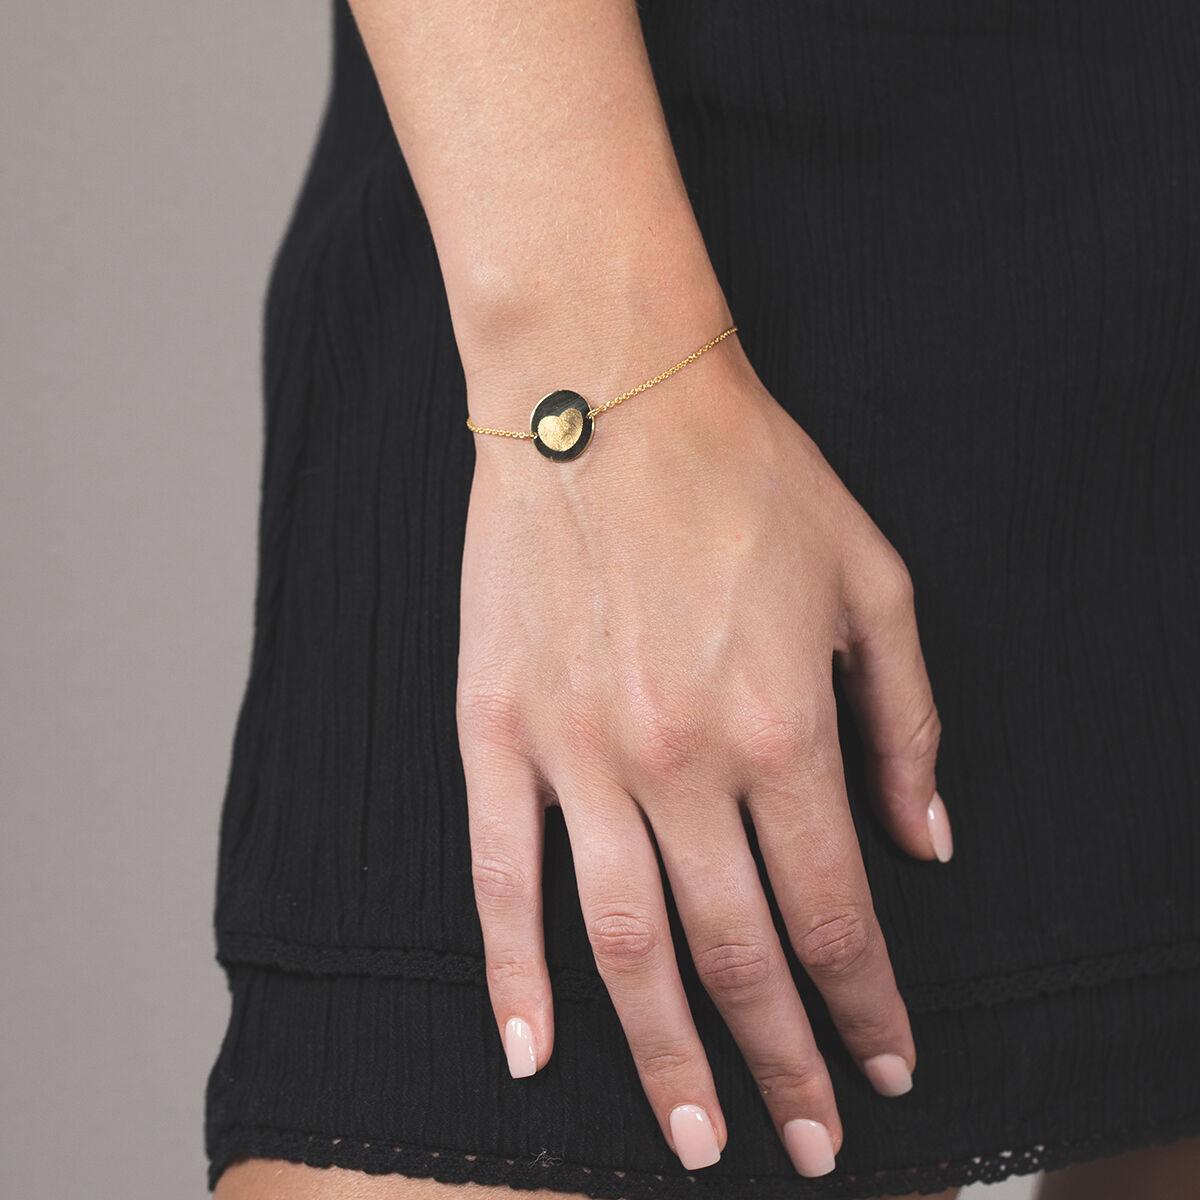 fingerprint coin bracelet or